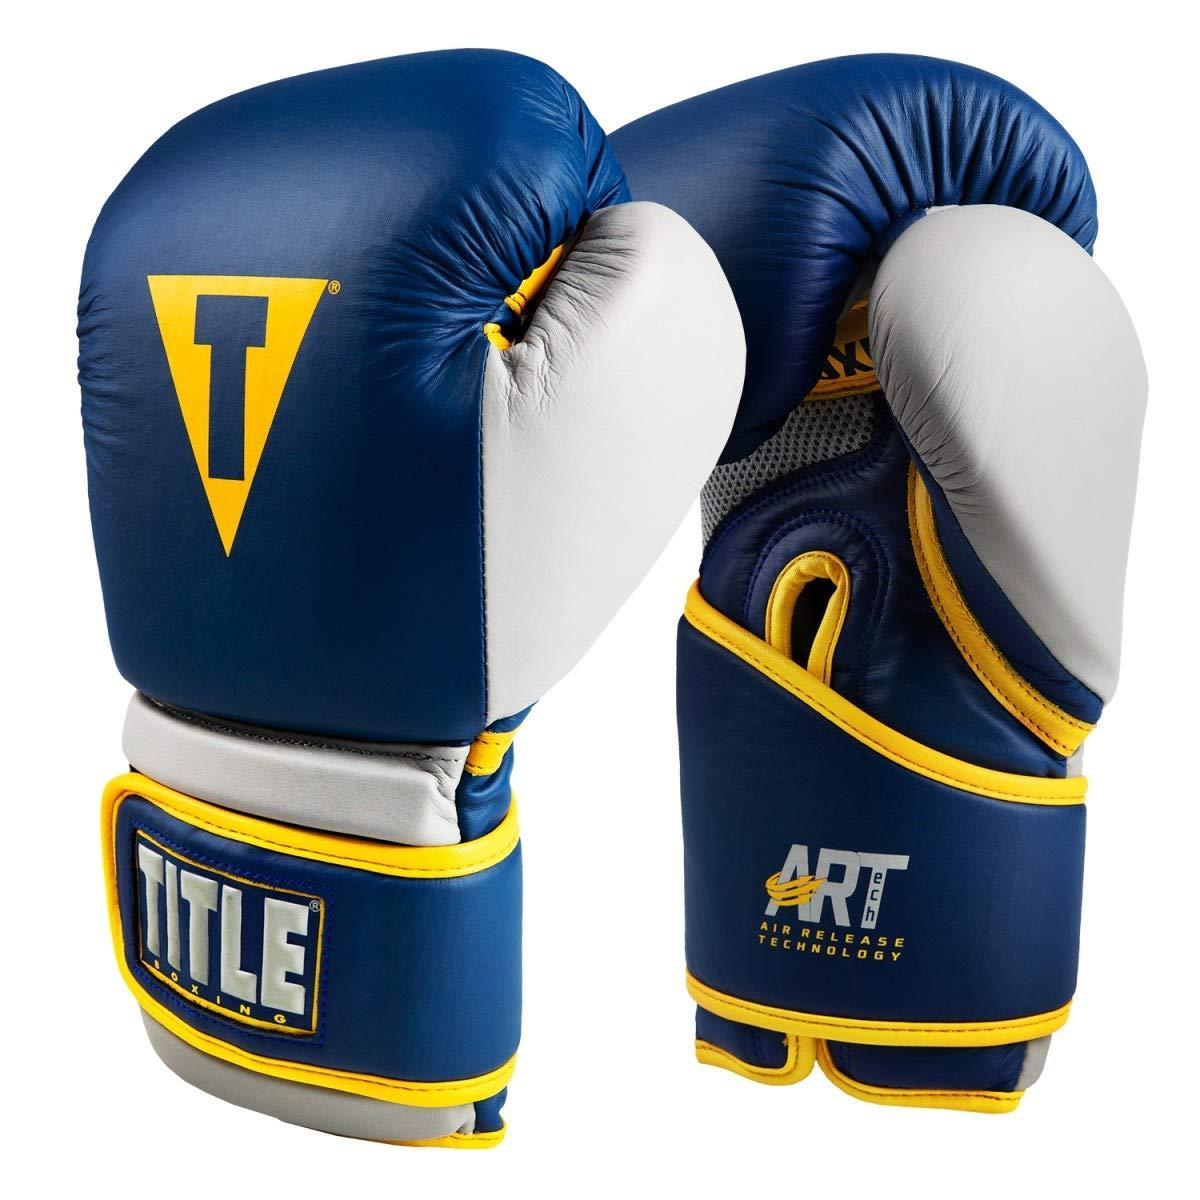 Mytra Fusion Thai Pad Kick Shield MMA Kickboxing Muay Thai Training Pad Arm Pad Strike Shield